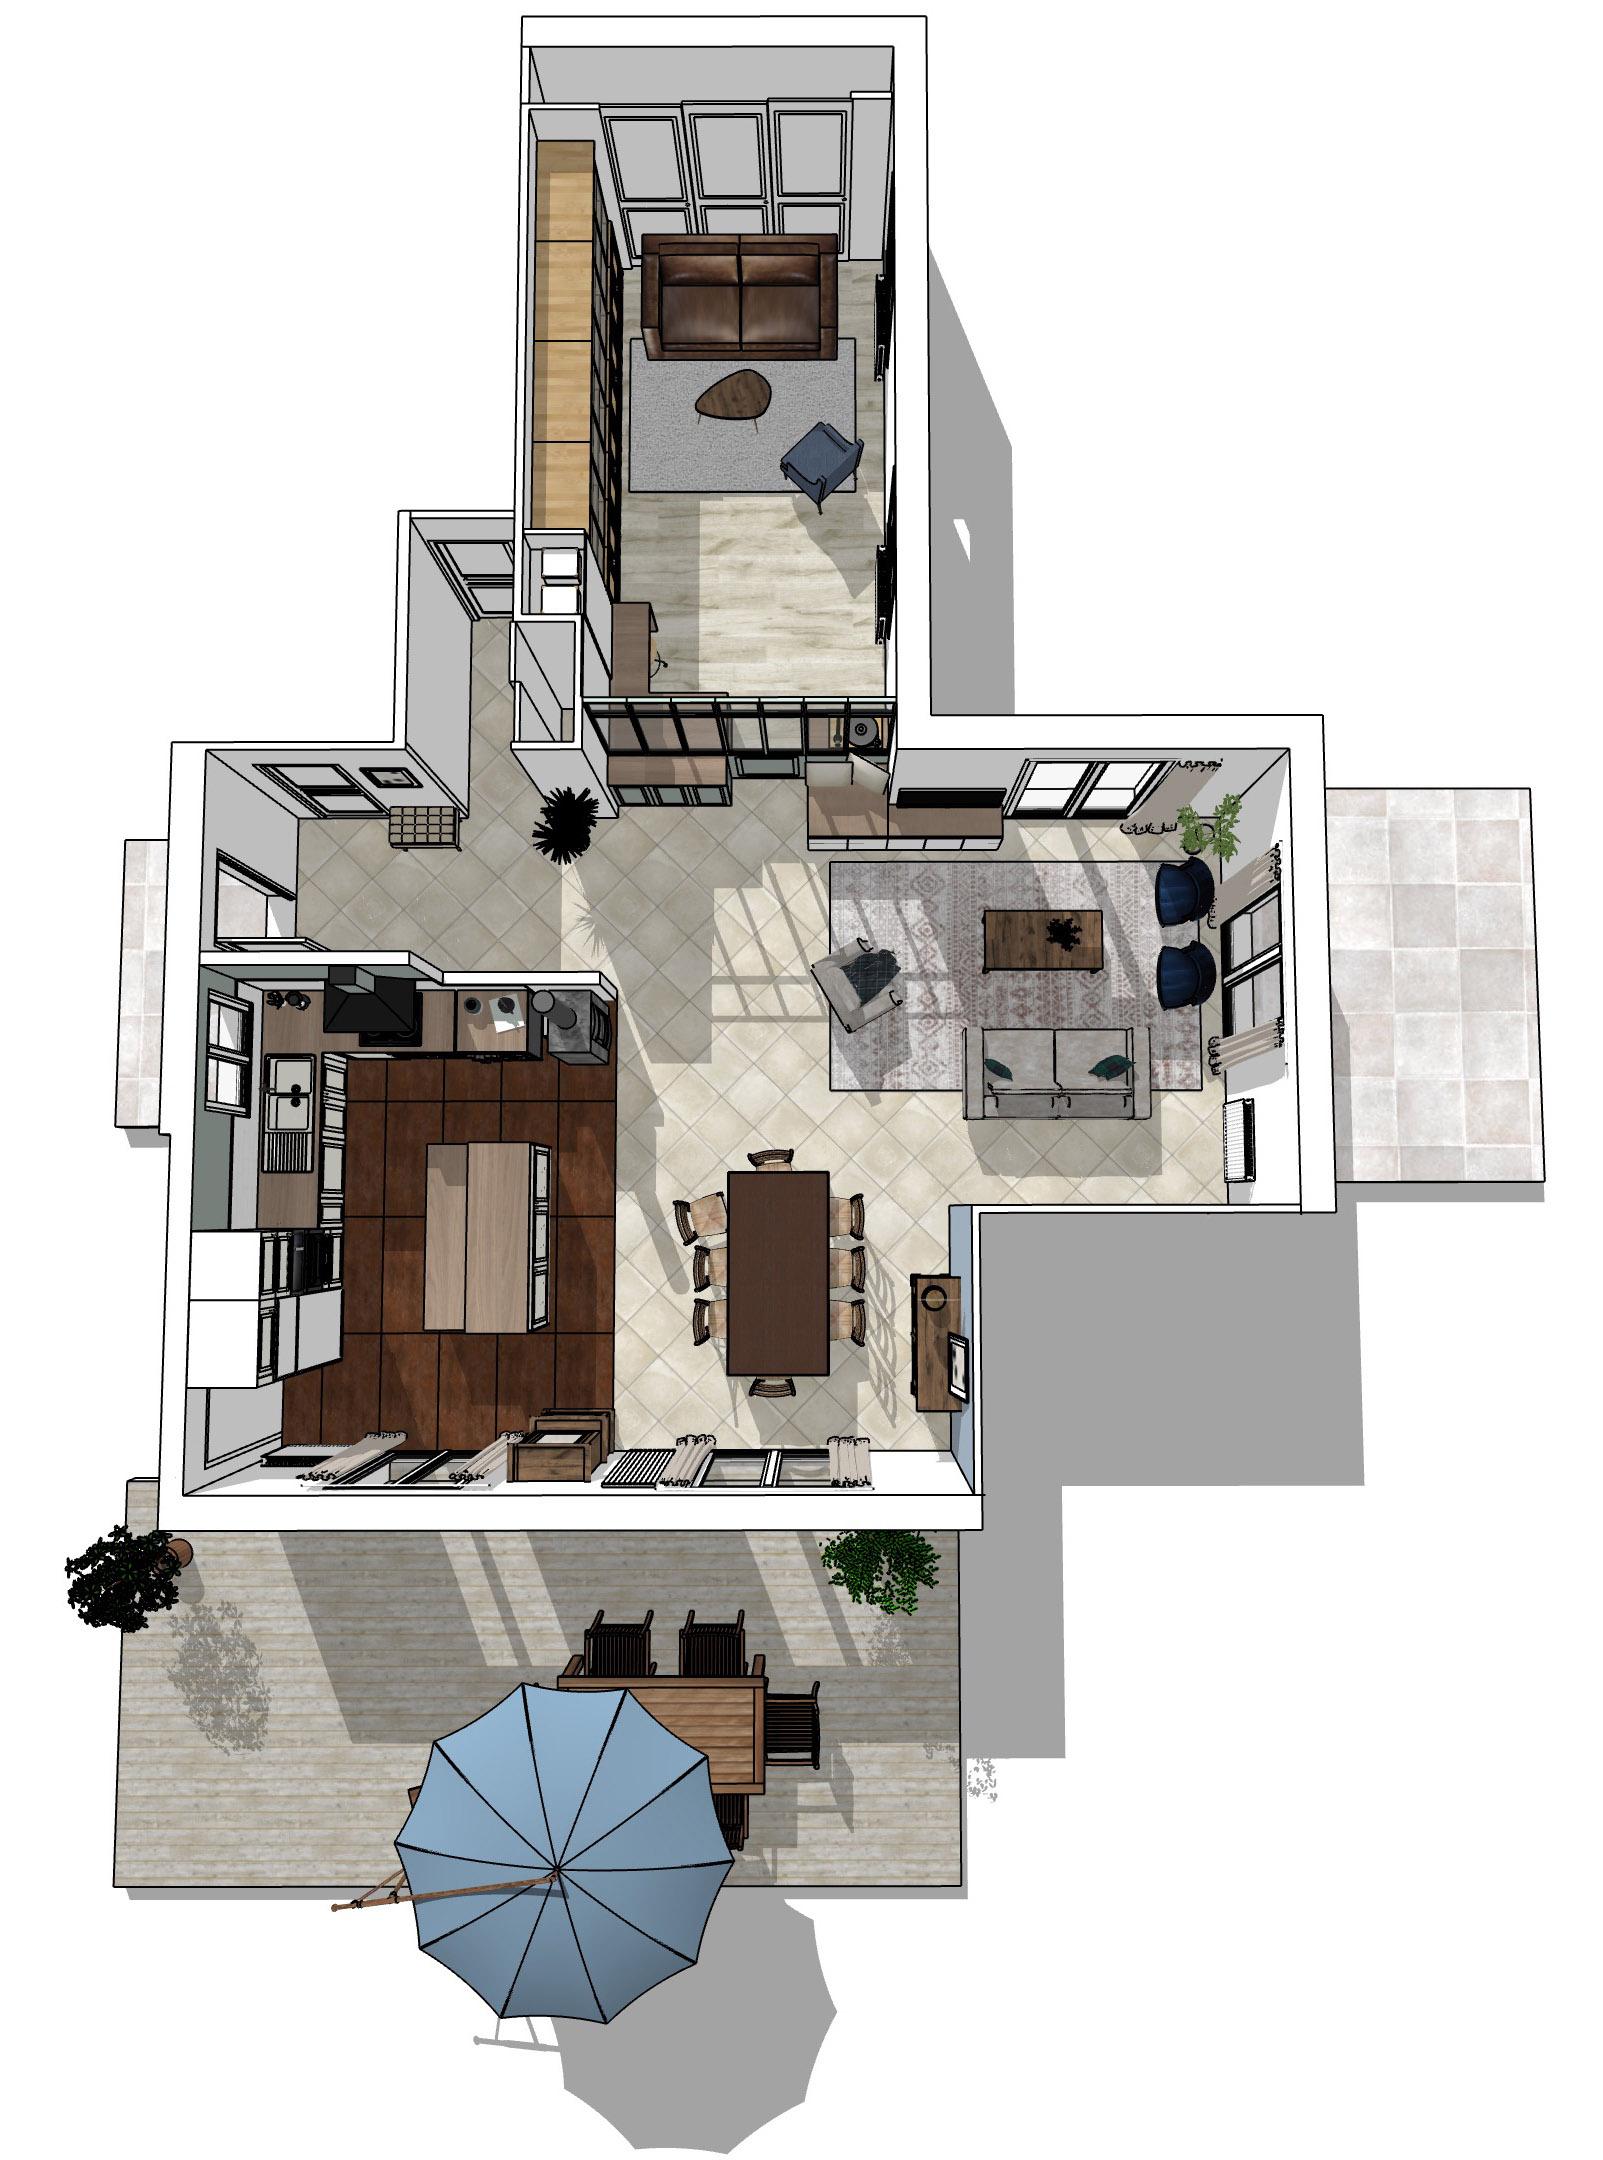 plan 3D vue de dessus de l' aménagement de la maison